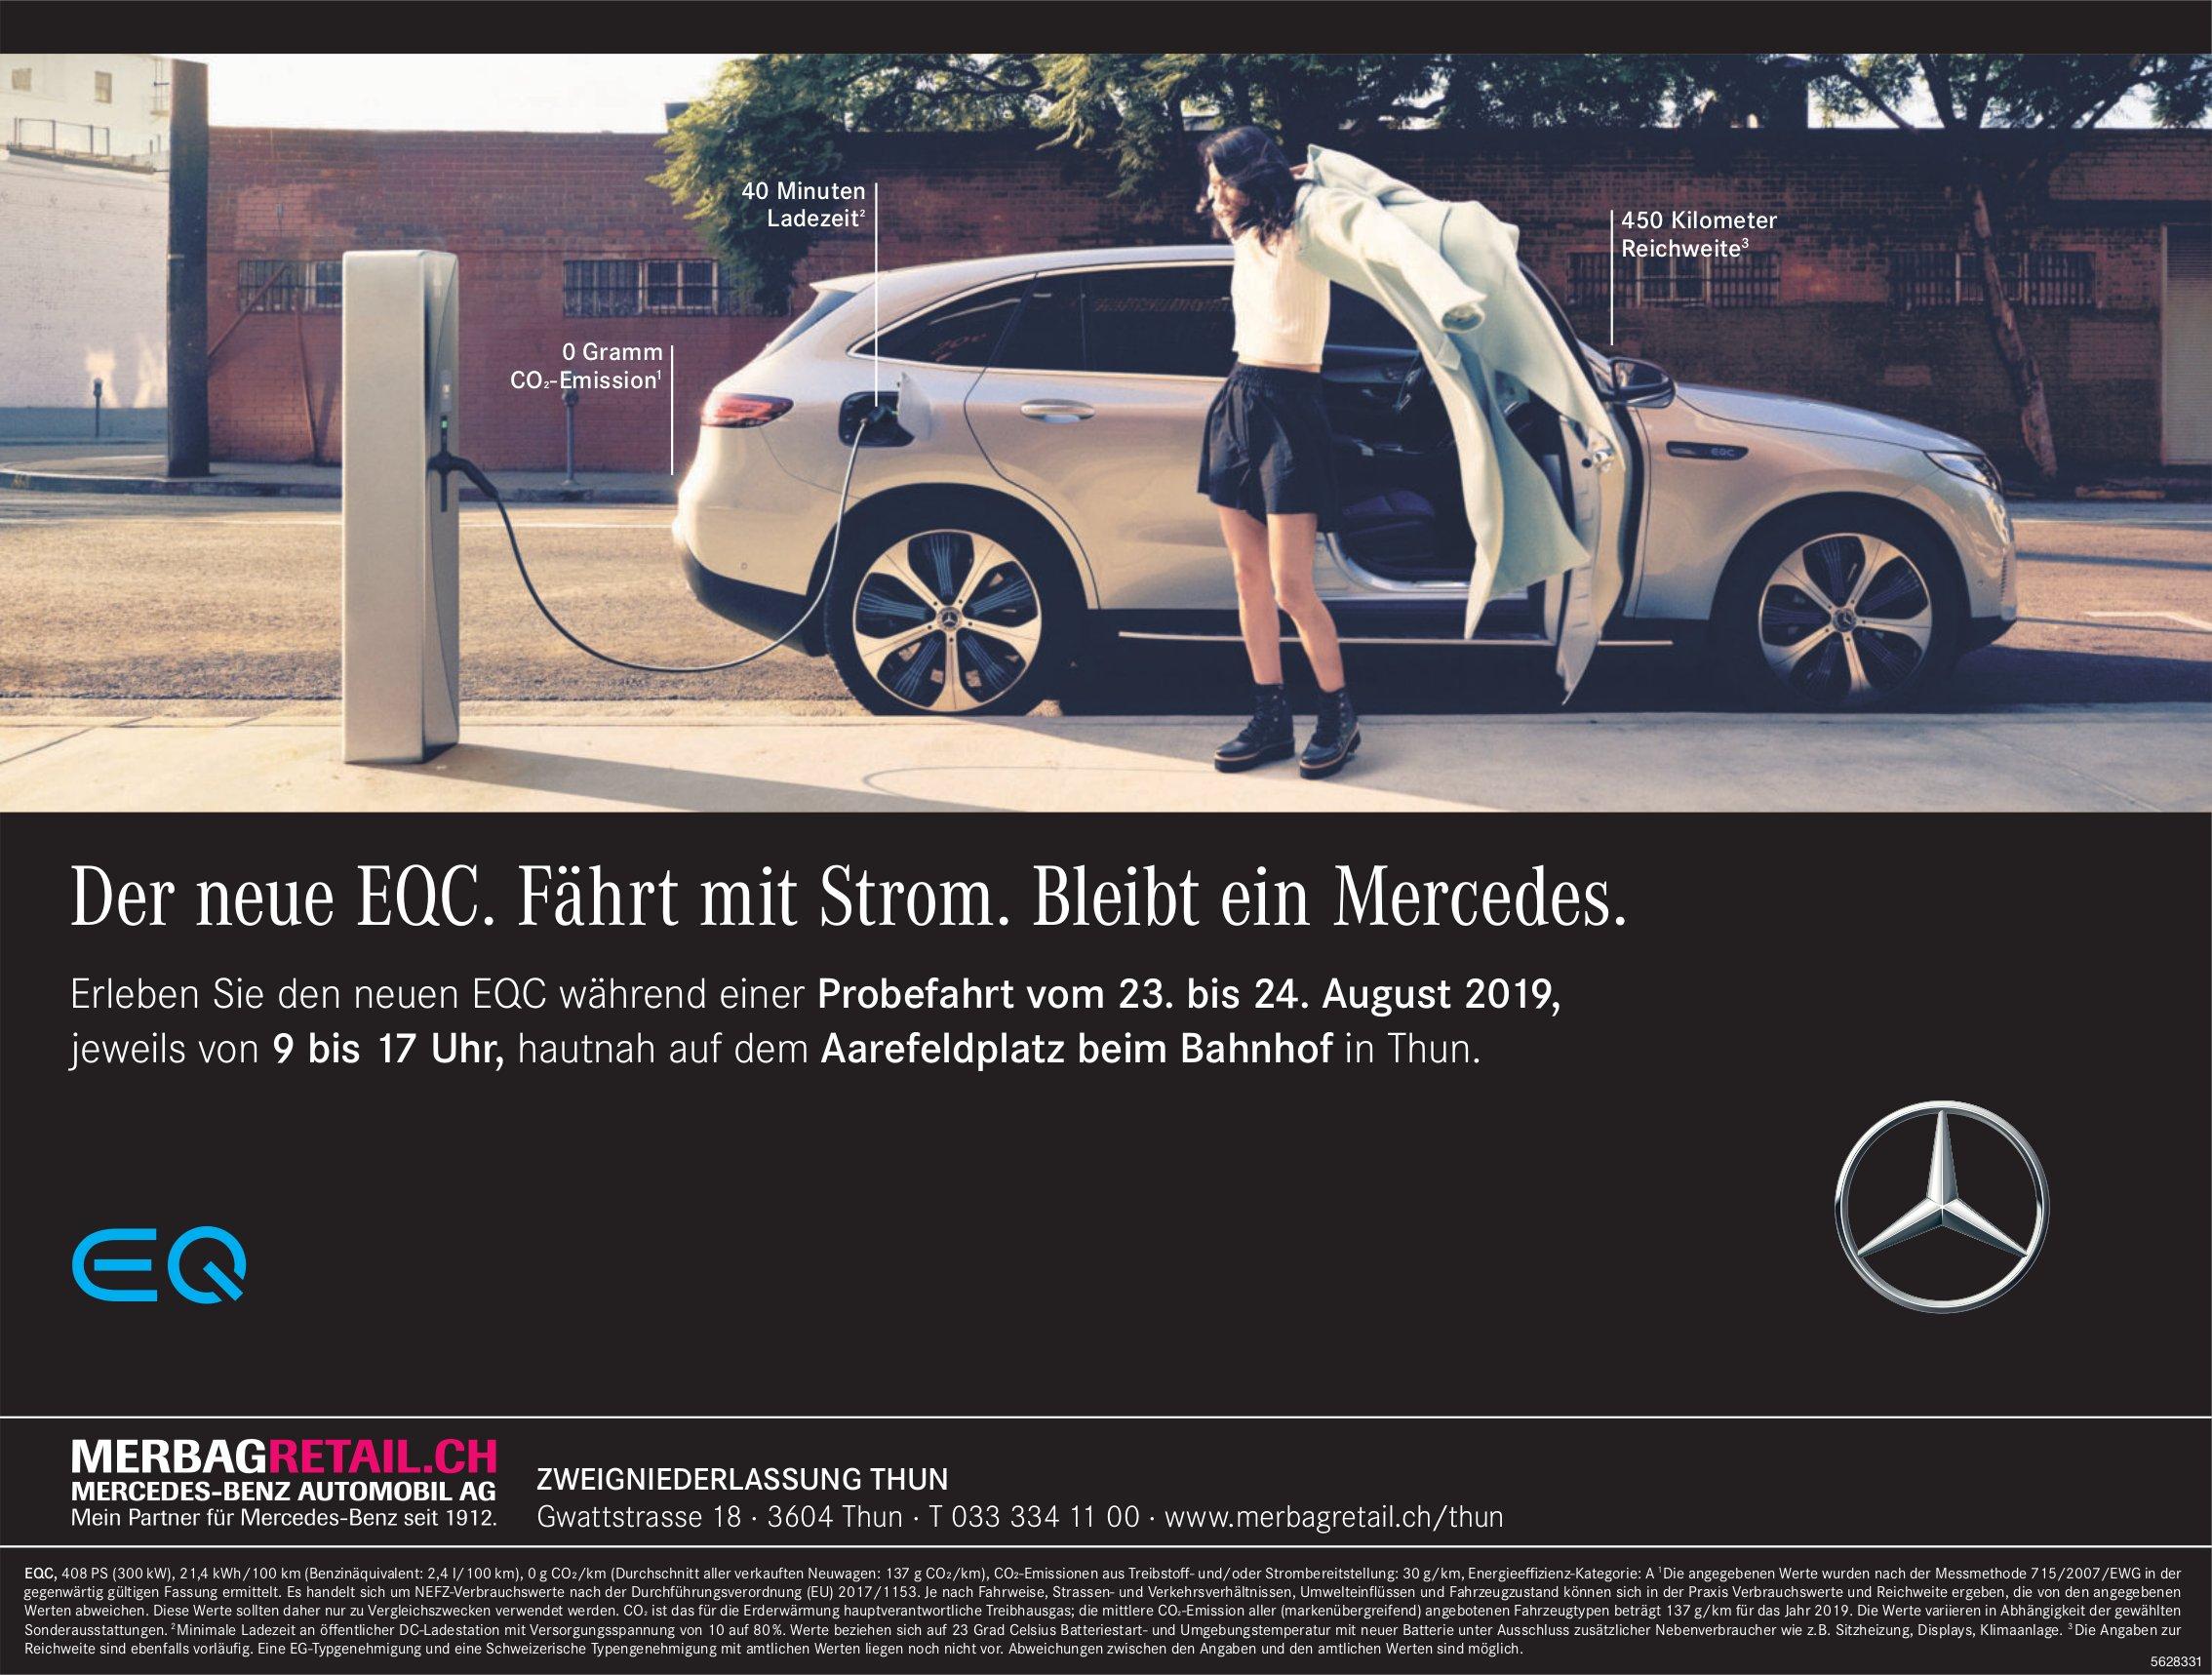 MERCEDES-BENZ AUTOMOBIL AG, Thun - Der neue EQC. Fährt mit Strom. Bleibt ein Mercedes.